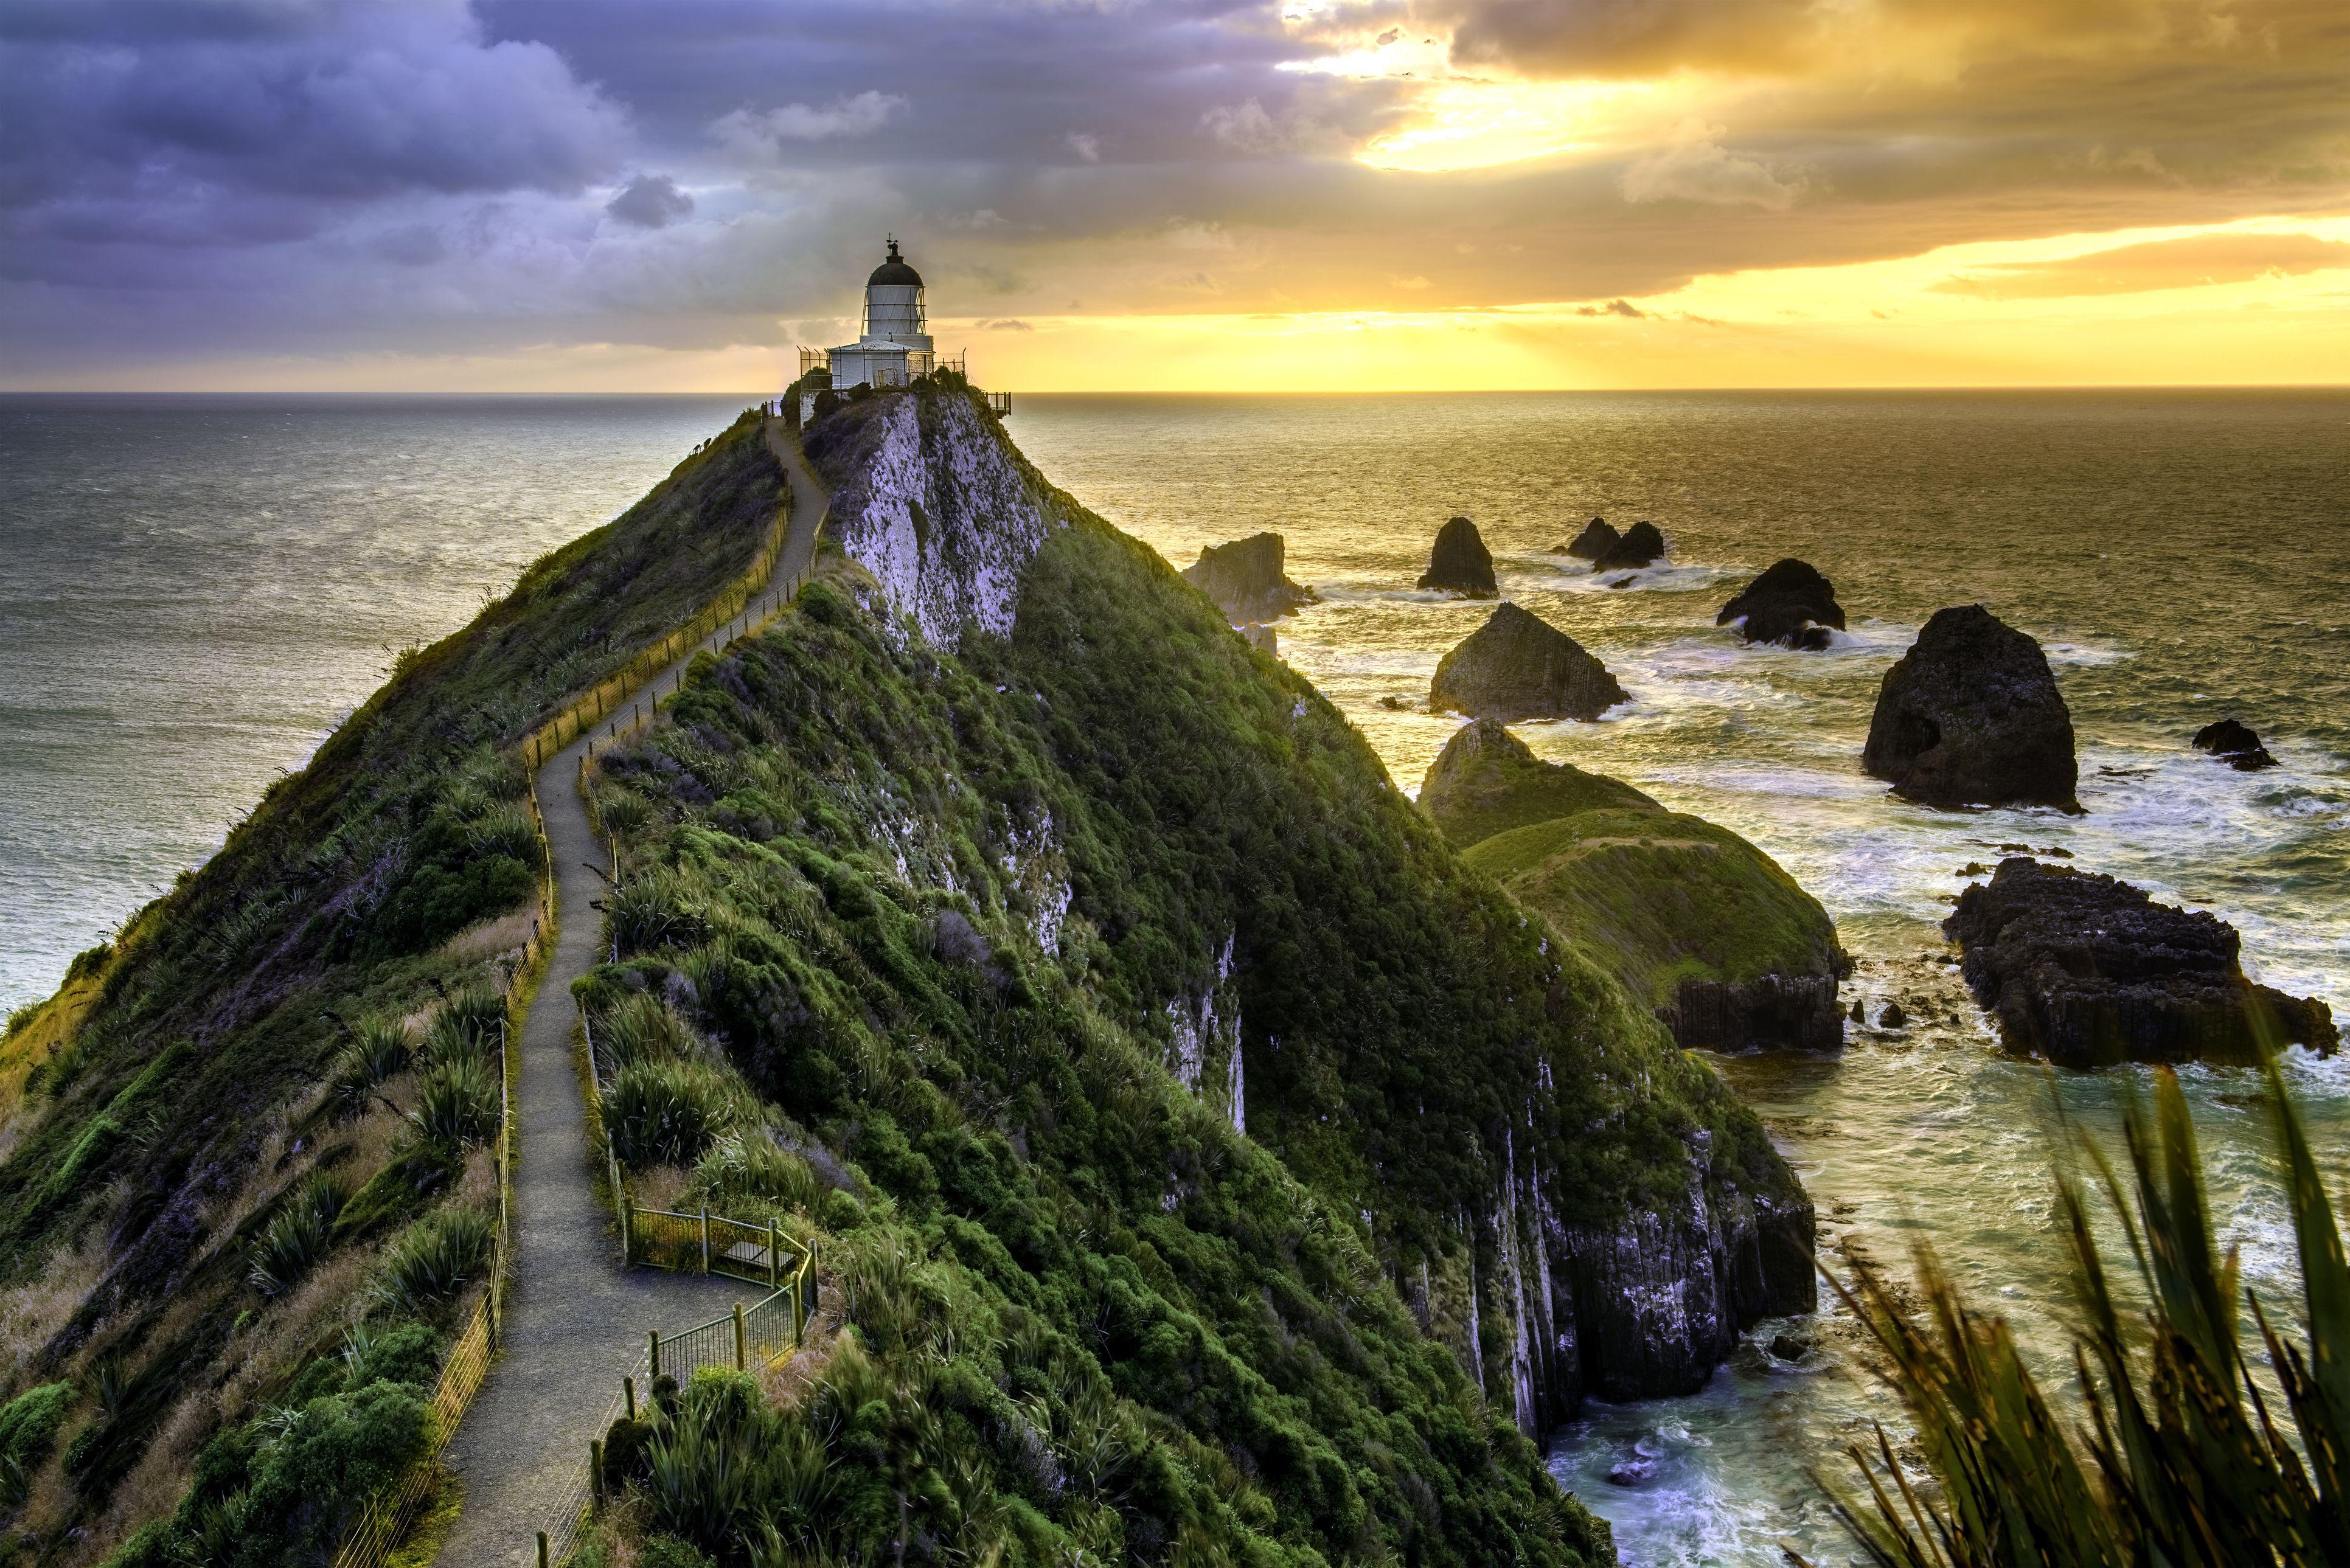 10 bãi biển đẹp nhất trên bán đảo Coromandel của New Zealand